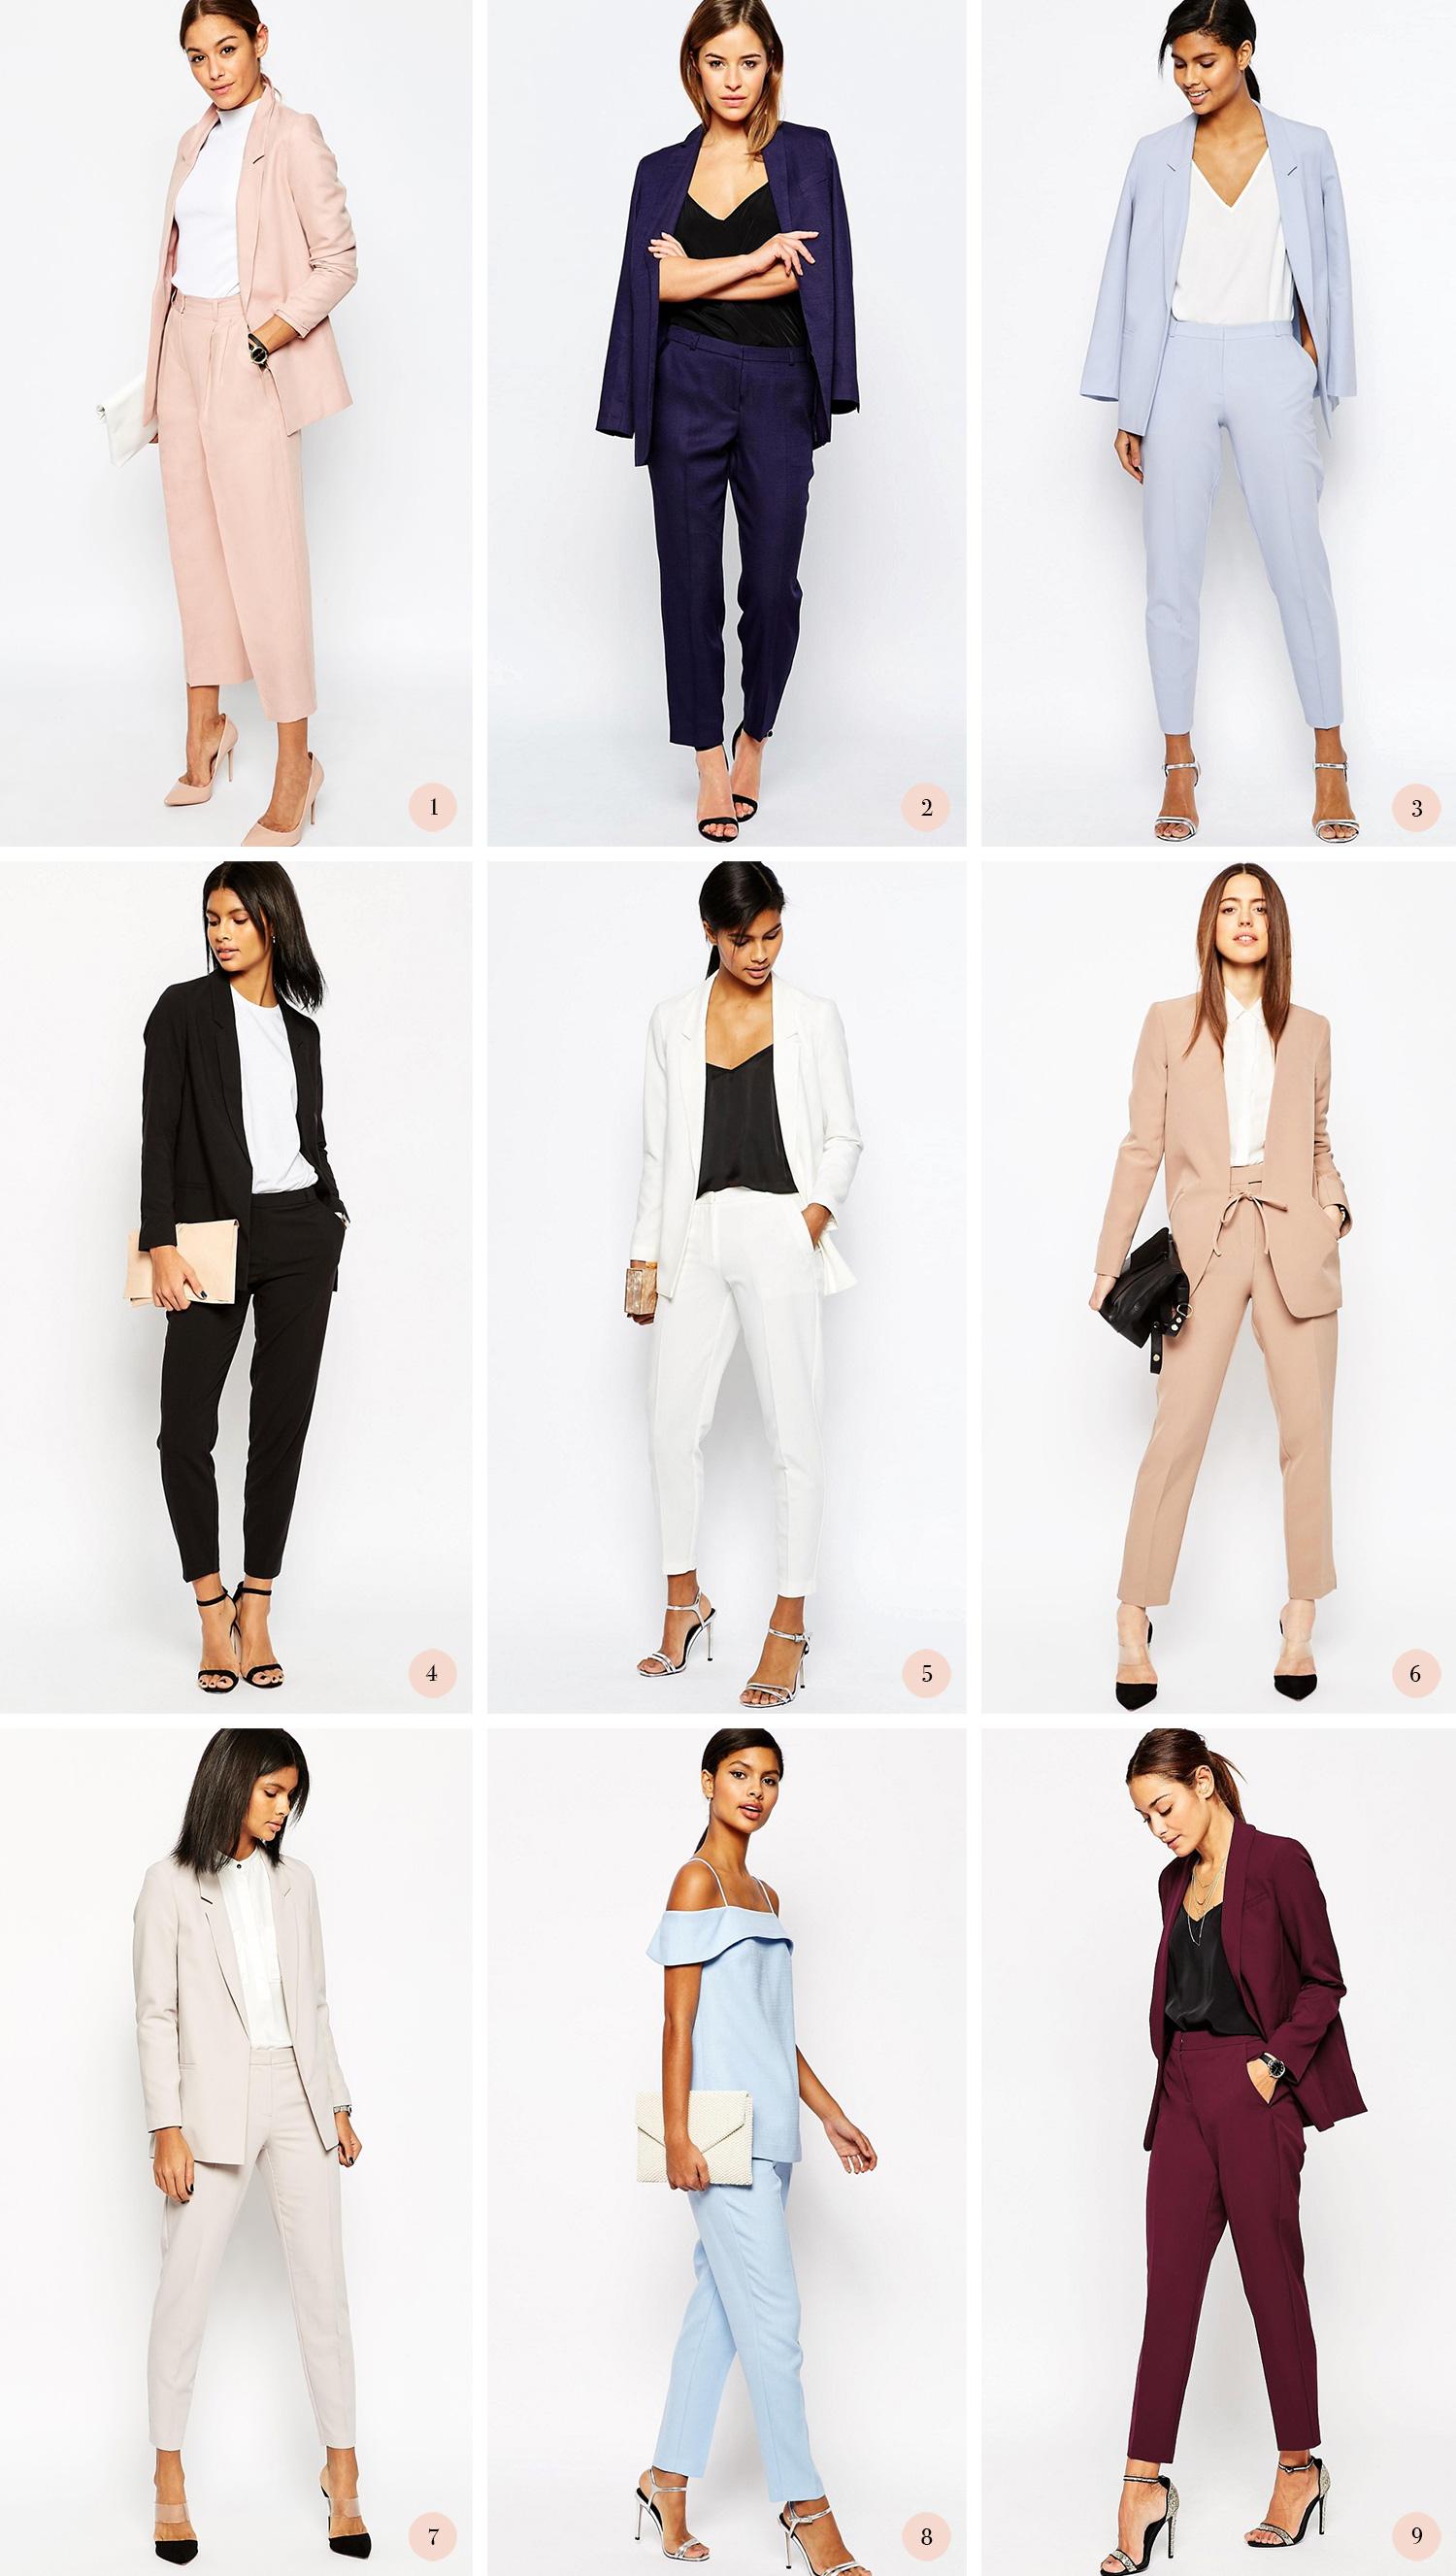 jakkesæt kvinder 2016